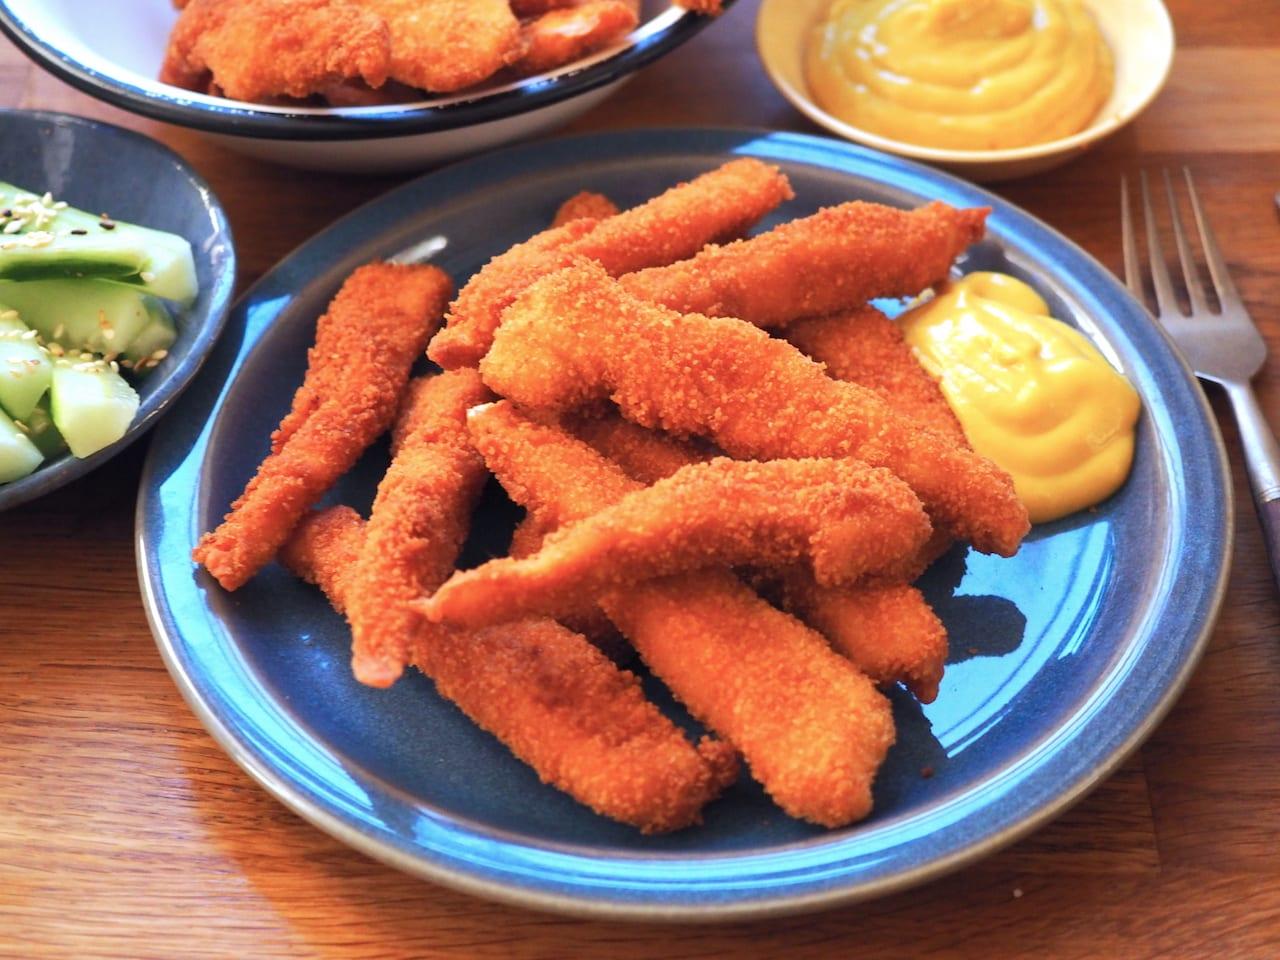 Frytki z kurczaka